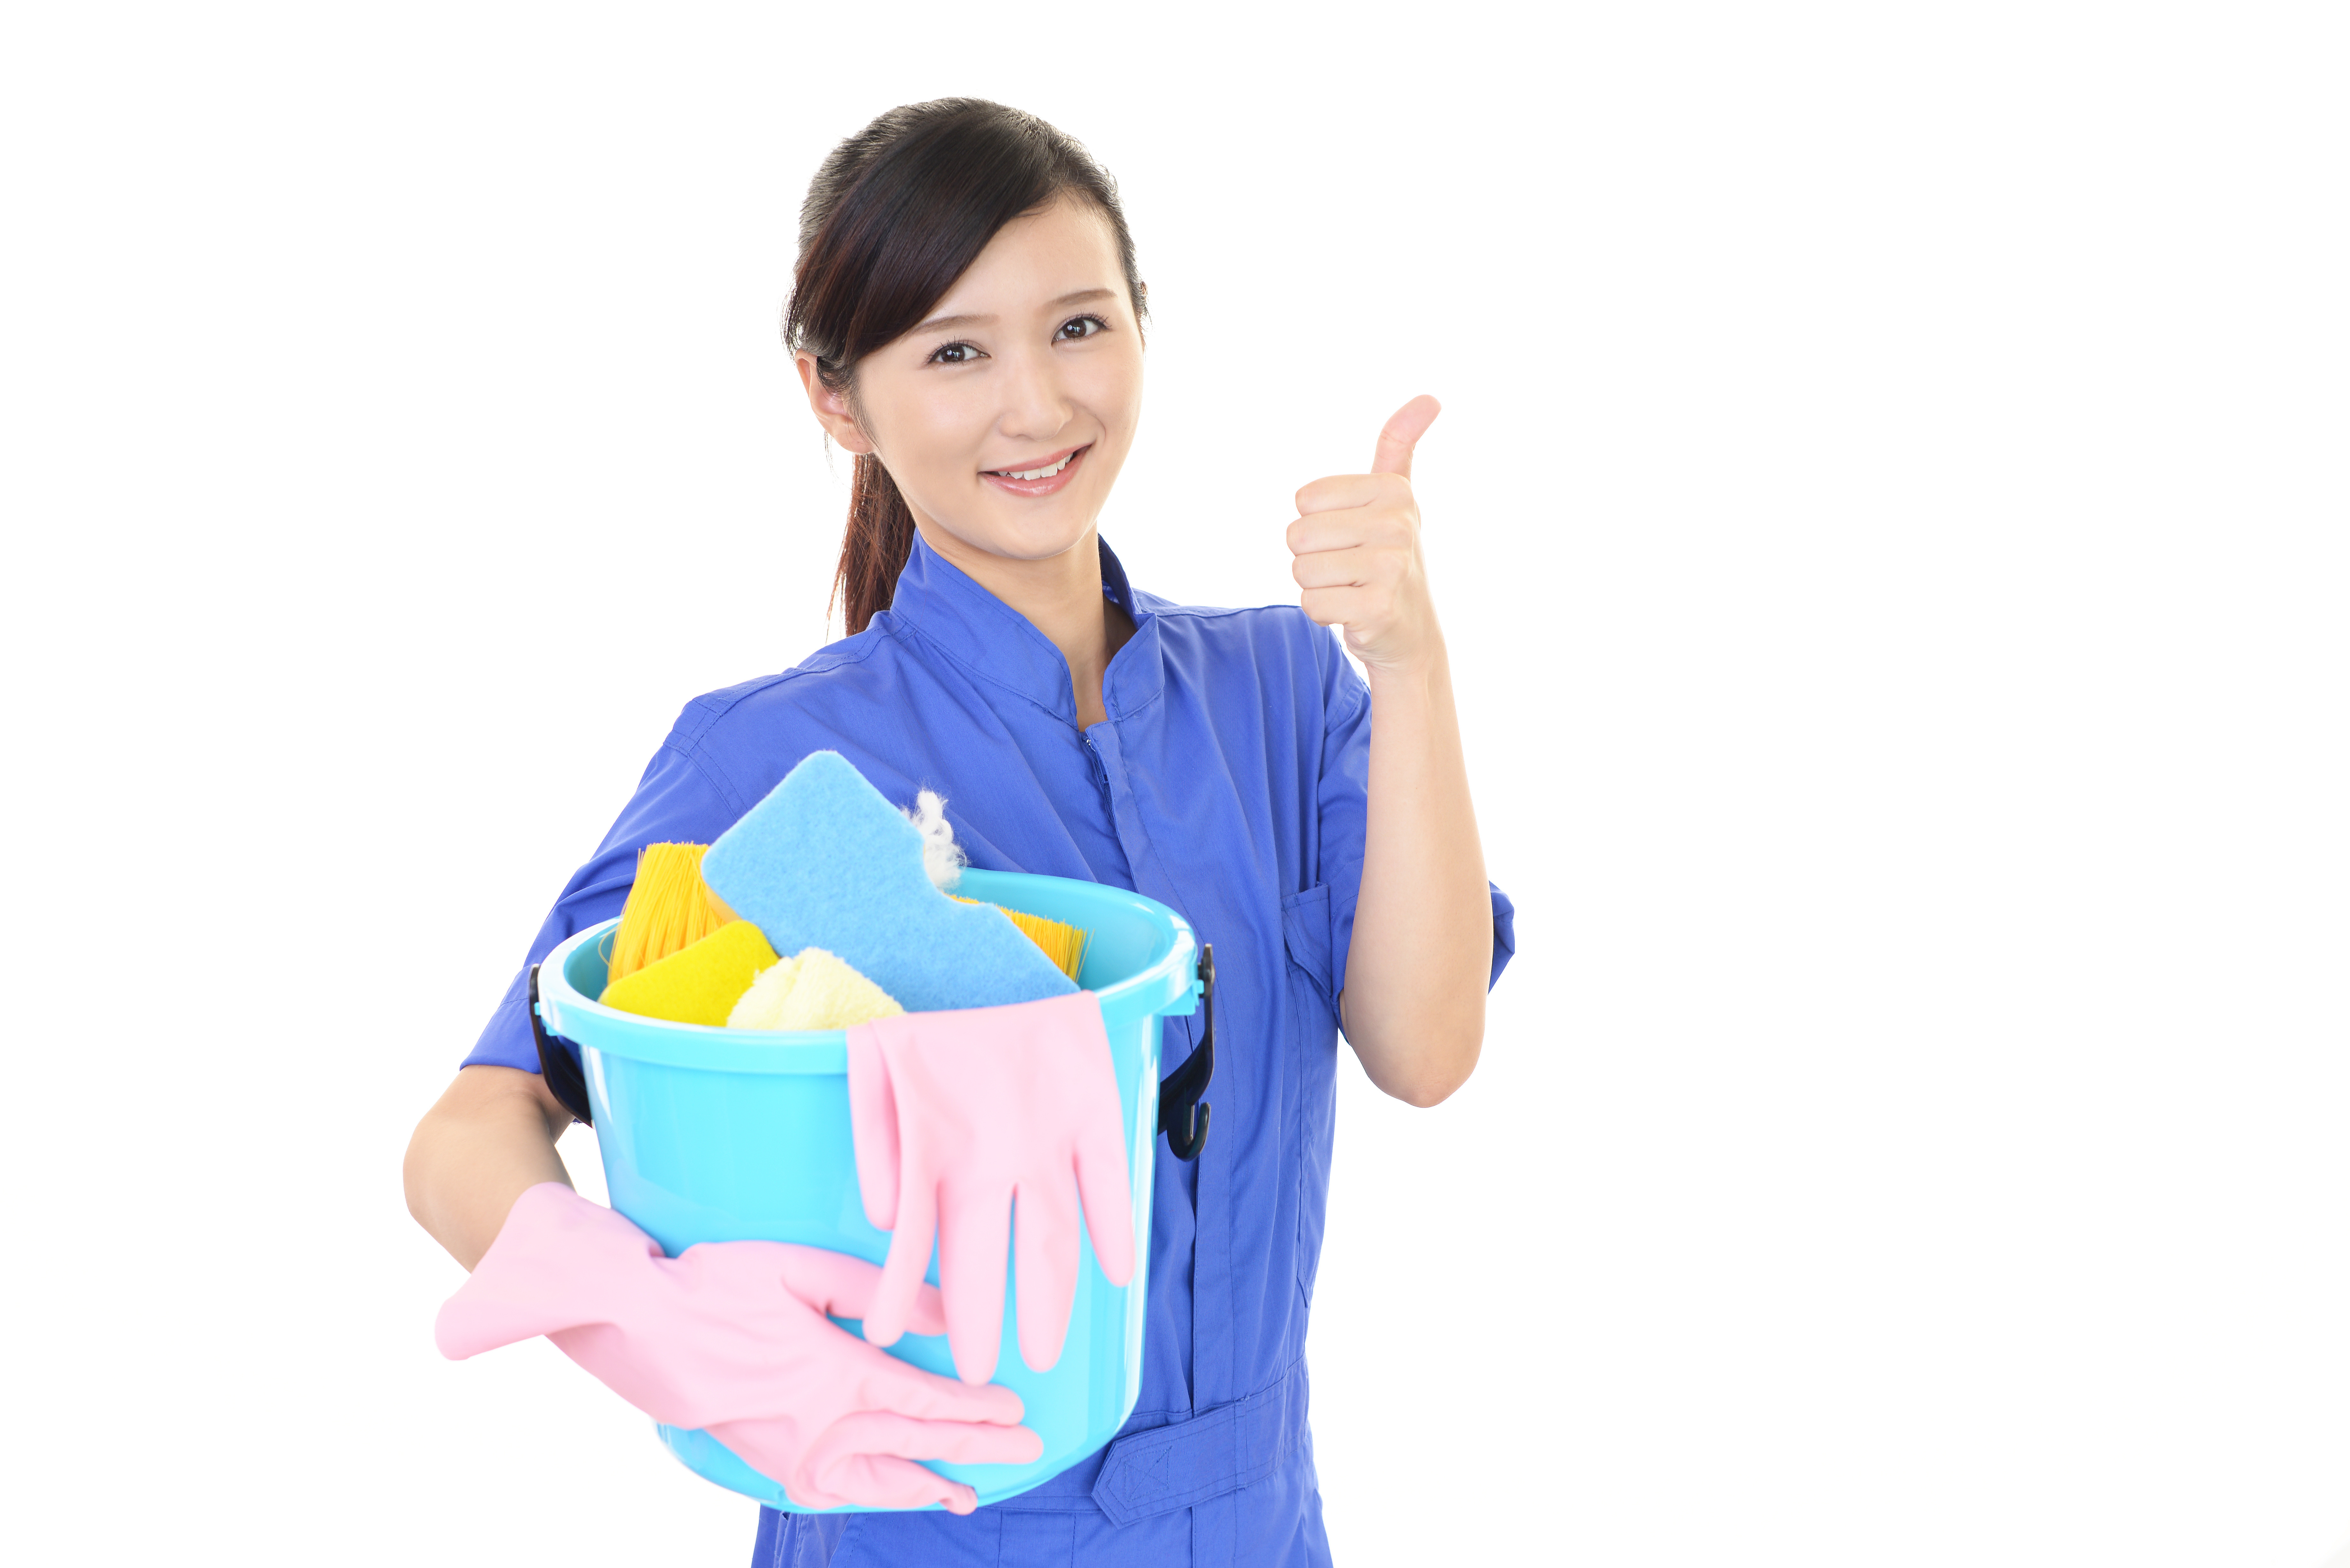 清掃スタッフ 紀の川市エリア 共同産業株式会社 のアルバイト情報